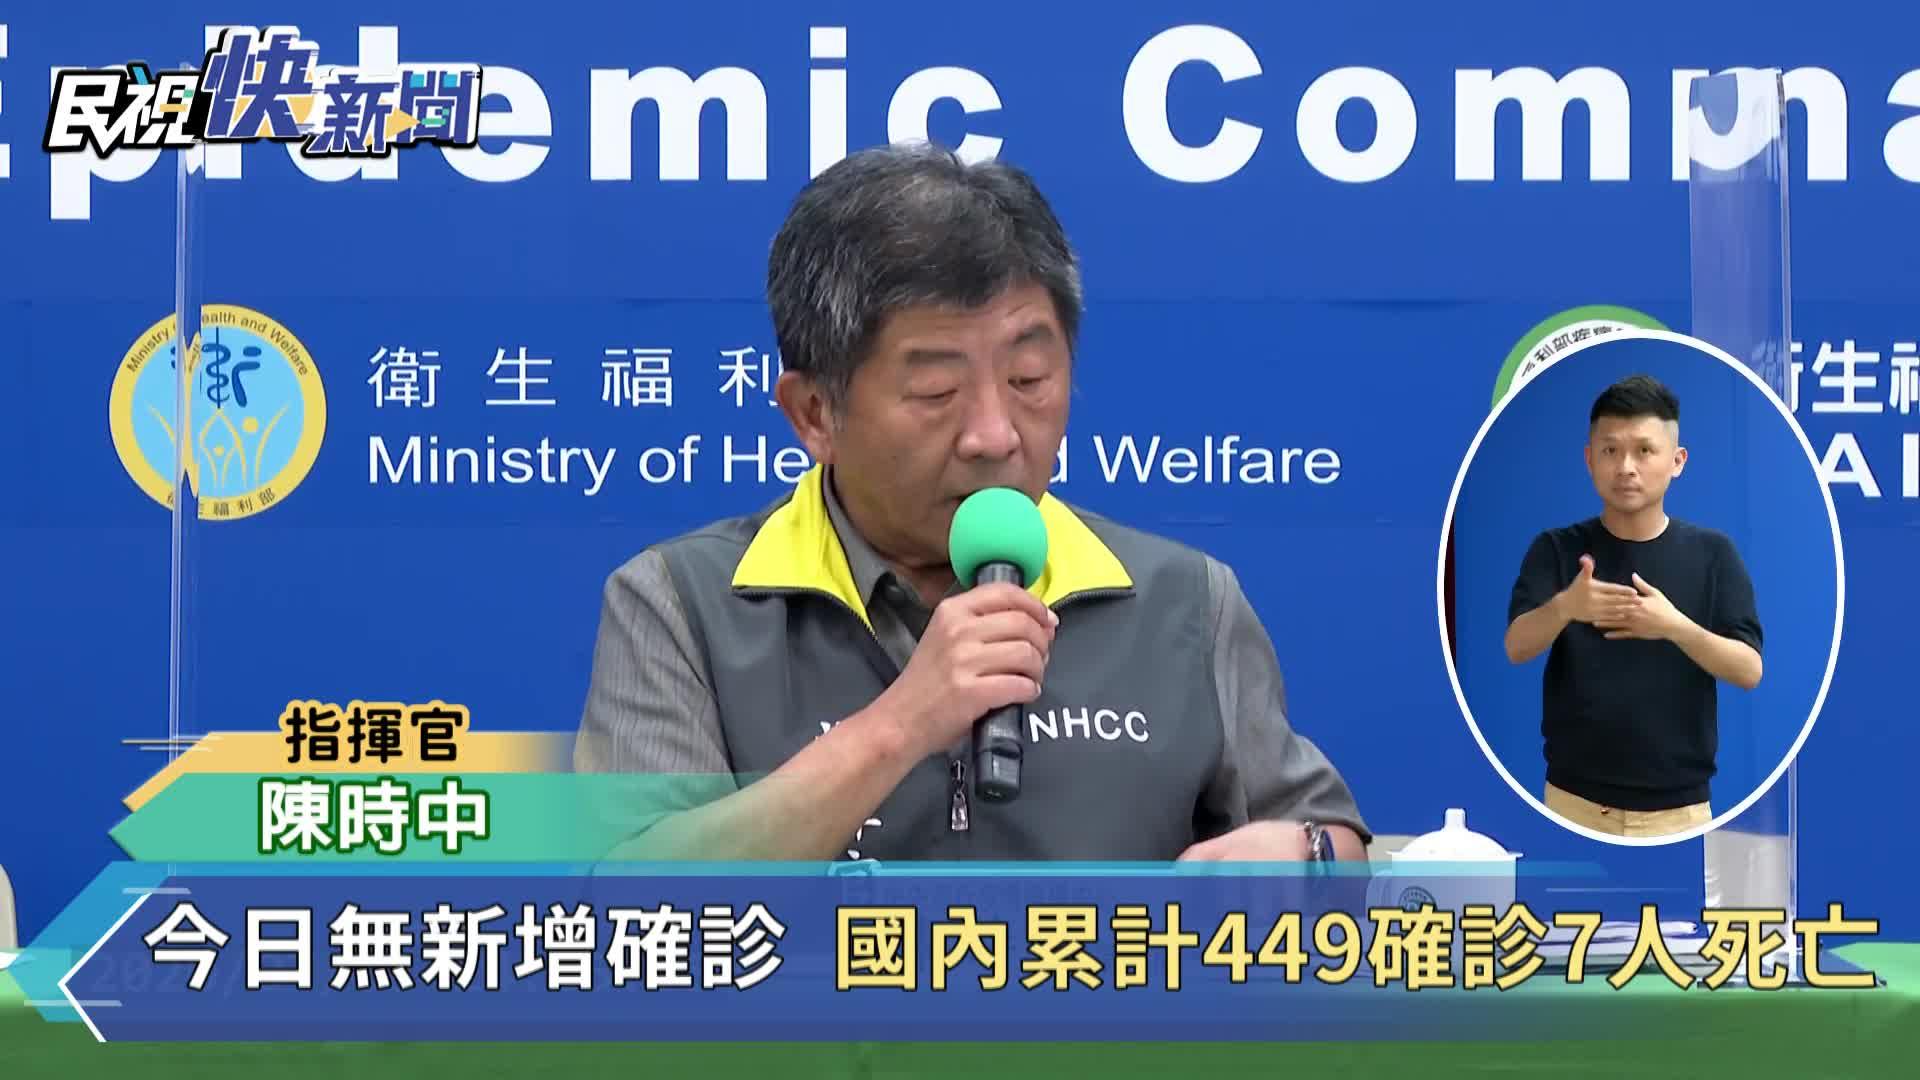 快新聞/日女染疫疑雲報告出爐! 陳時中:123位接觸者均為陰性